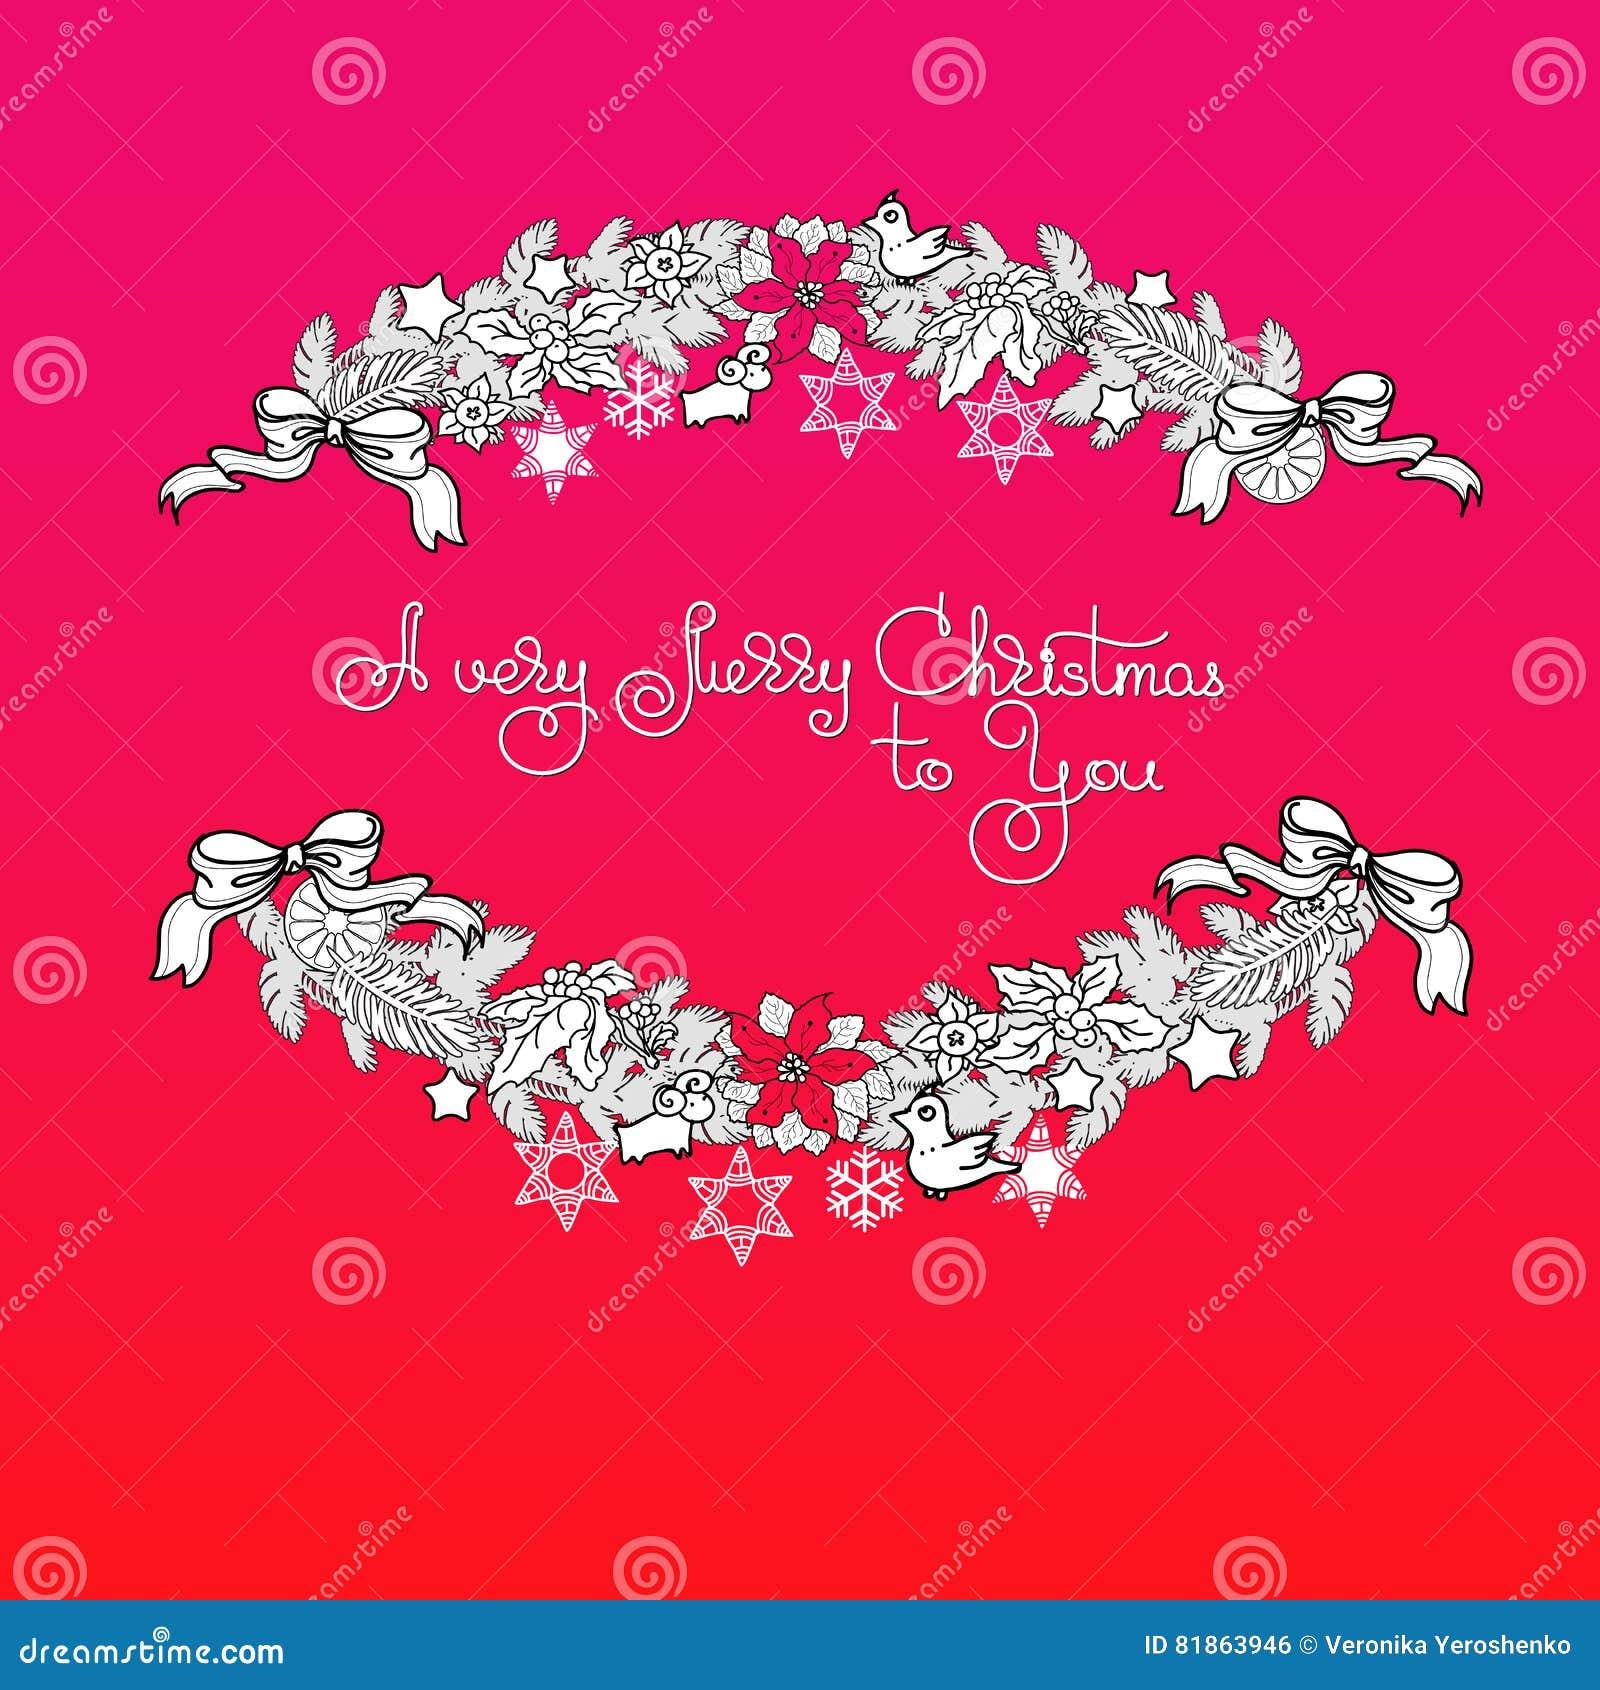 Weihnachtsgirlande Und Handgeschriebene Wörter A Sehr Frohe ...